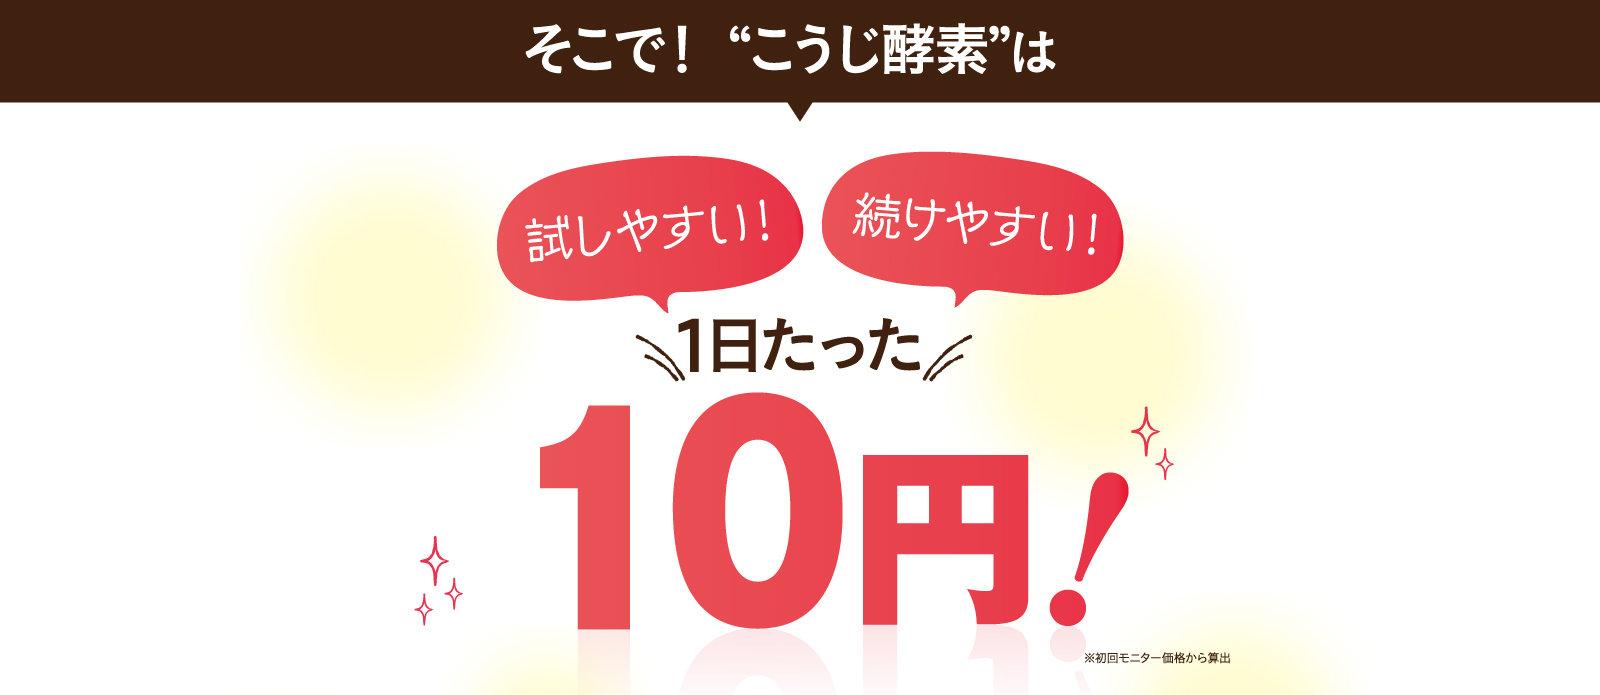 """そこで! """"こうじ酵素""""は「試しやすい!」「続けやすい!」1日たった10円!"""